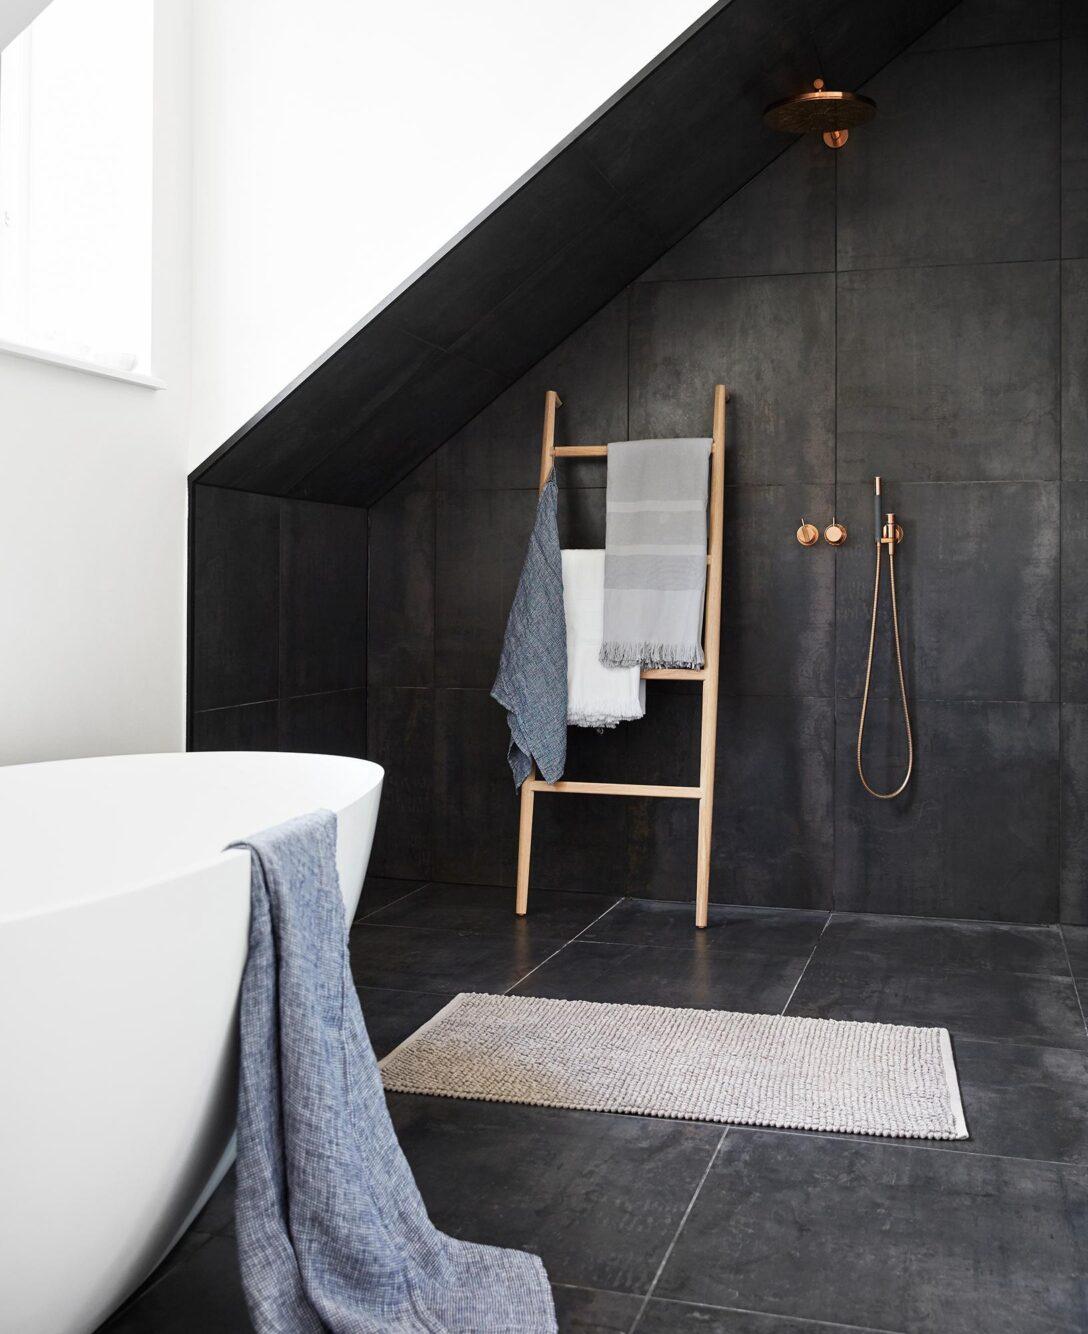 Large Size of Moderne Duschen Offene Dusche Bilder Ideen Couch Sprinz Modernes Bett Bodengleiche Esstische Kaufen Sofa Deckenleuchte Wohnzimmer Begehbare Fürs Hüppe Dusche Moderne Duschen